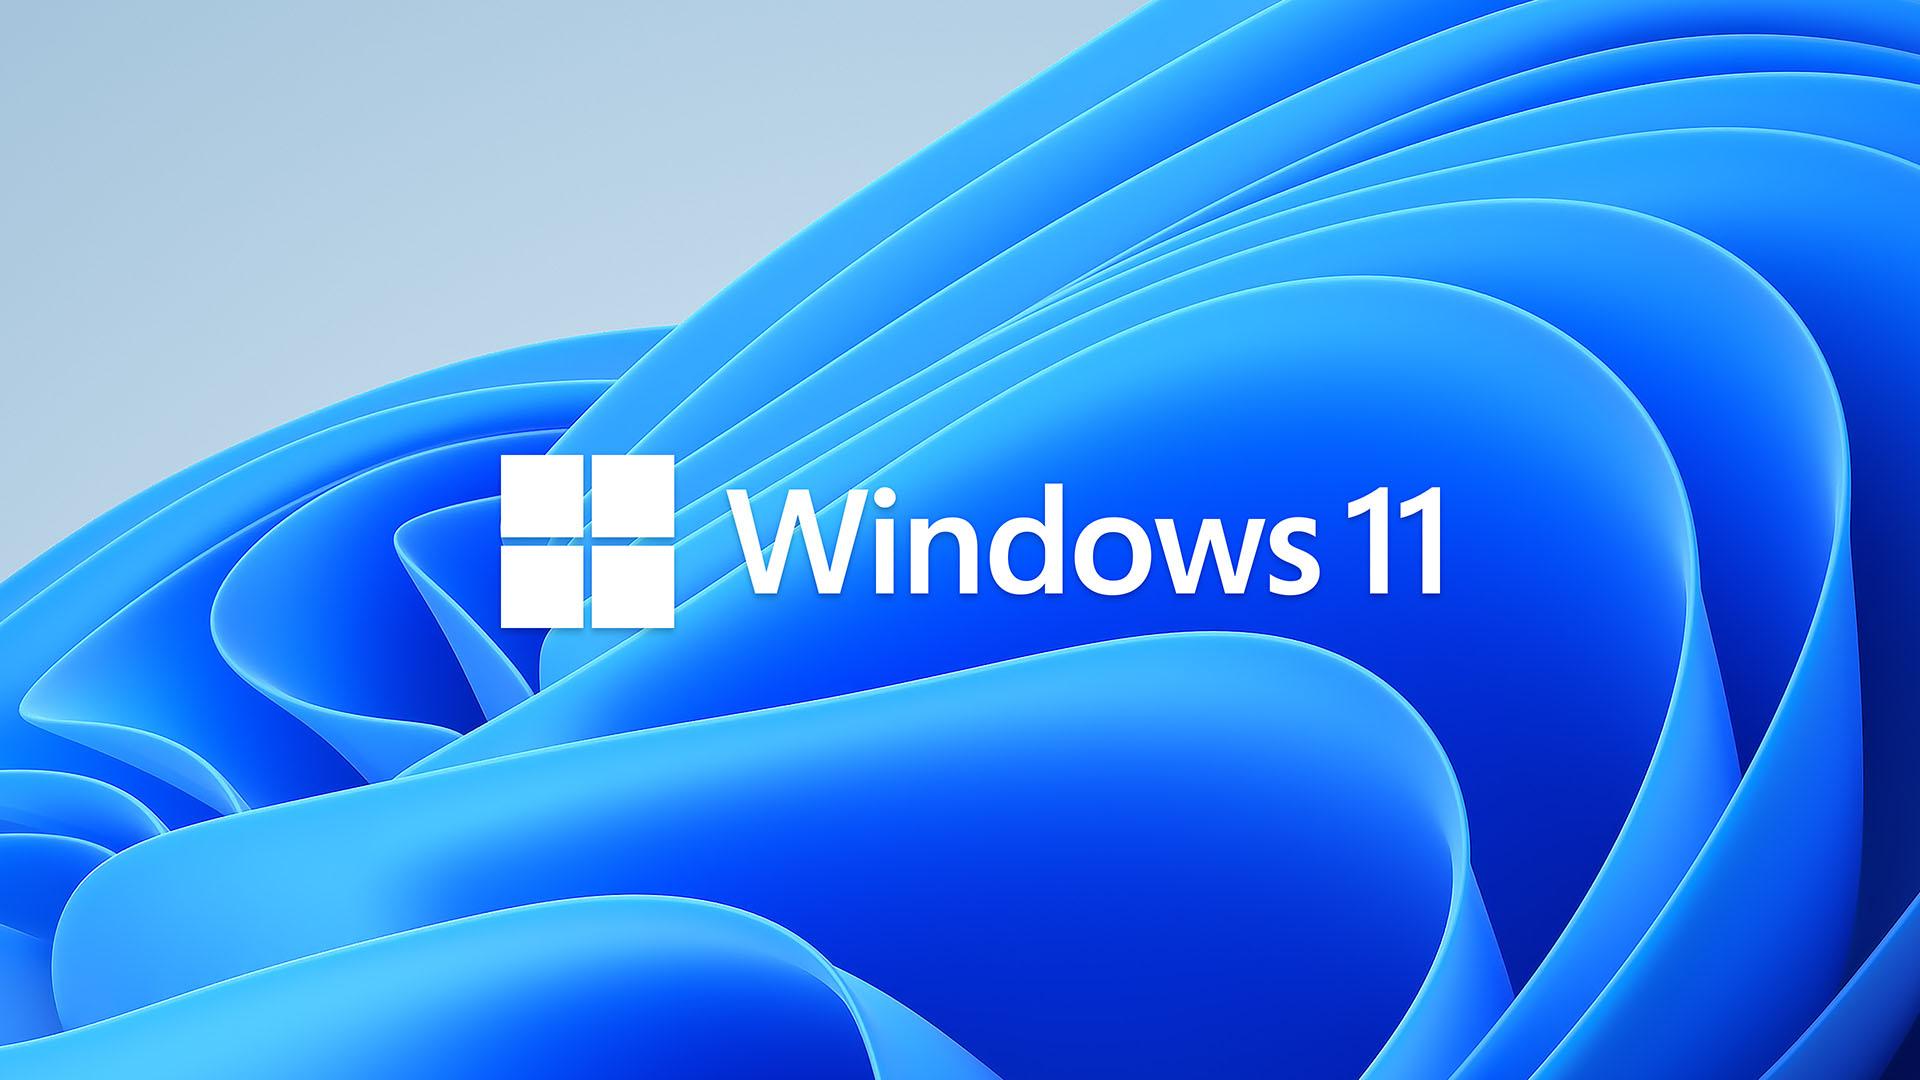 Вышла новая версия утилиты для проверки совместимости компьютера с Windows 11